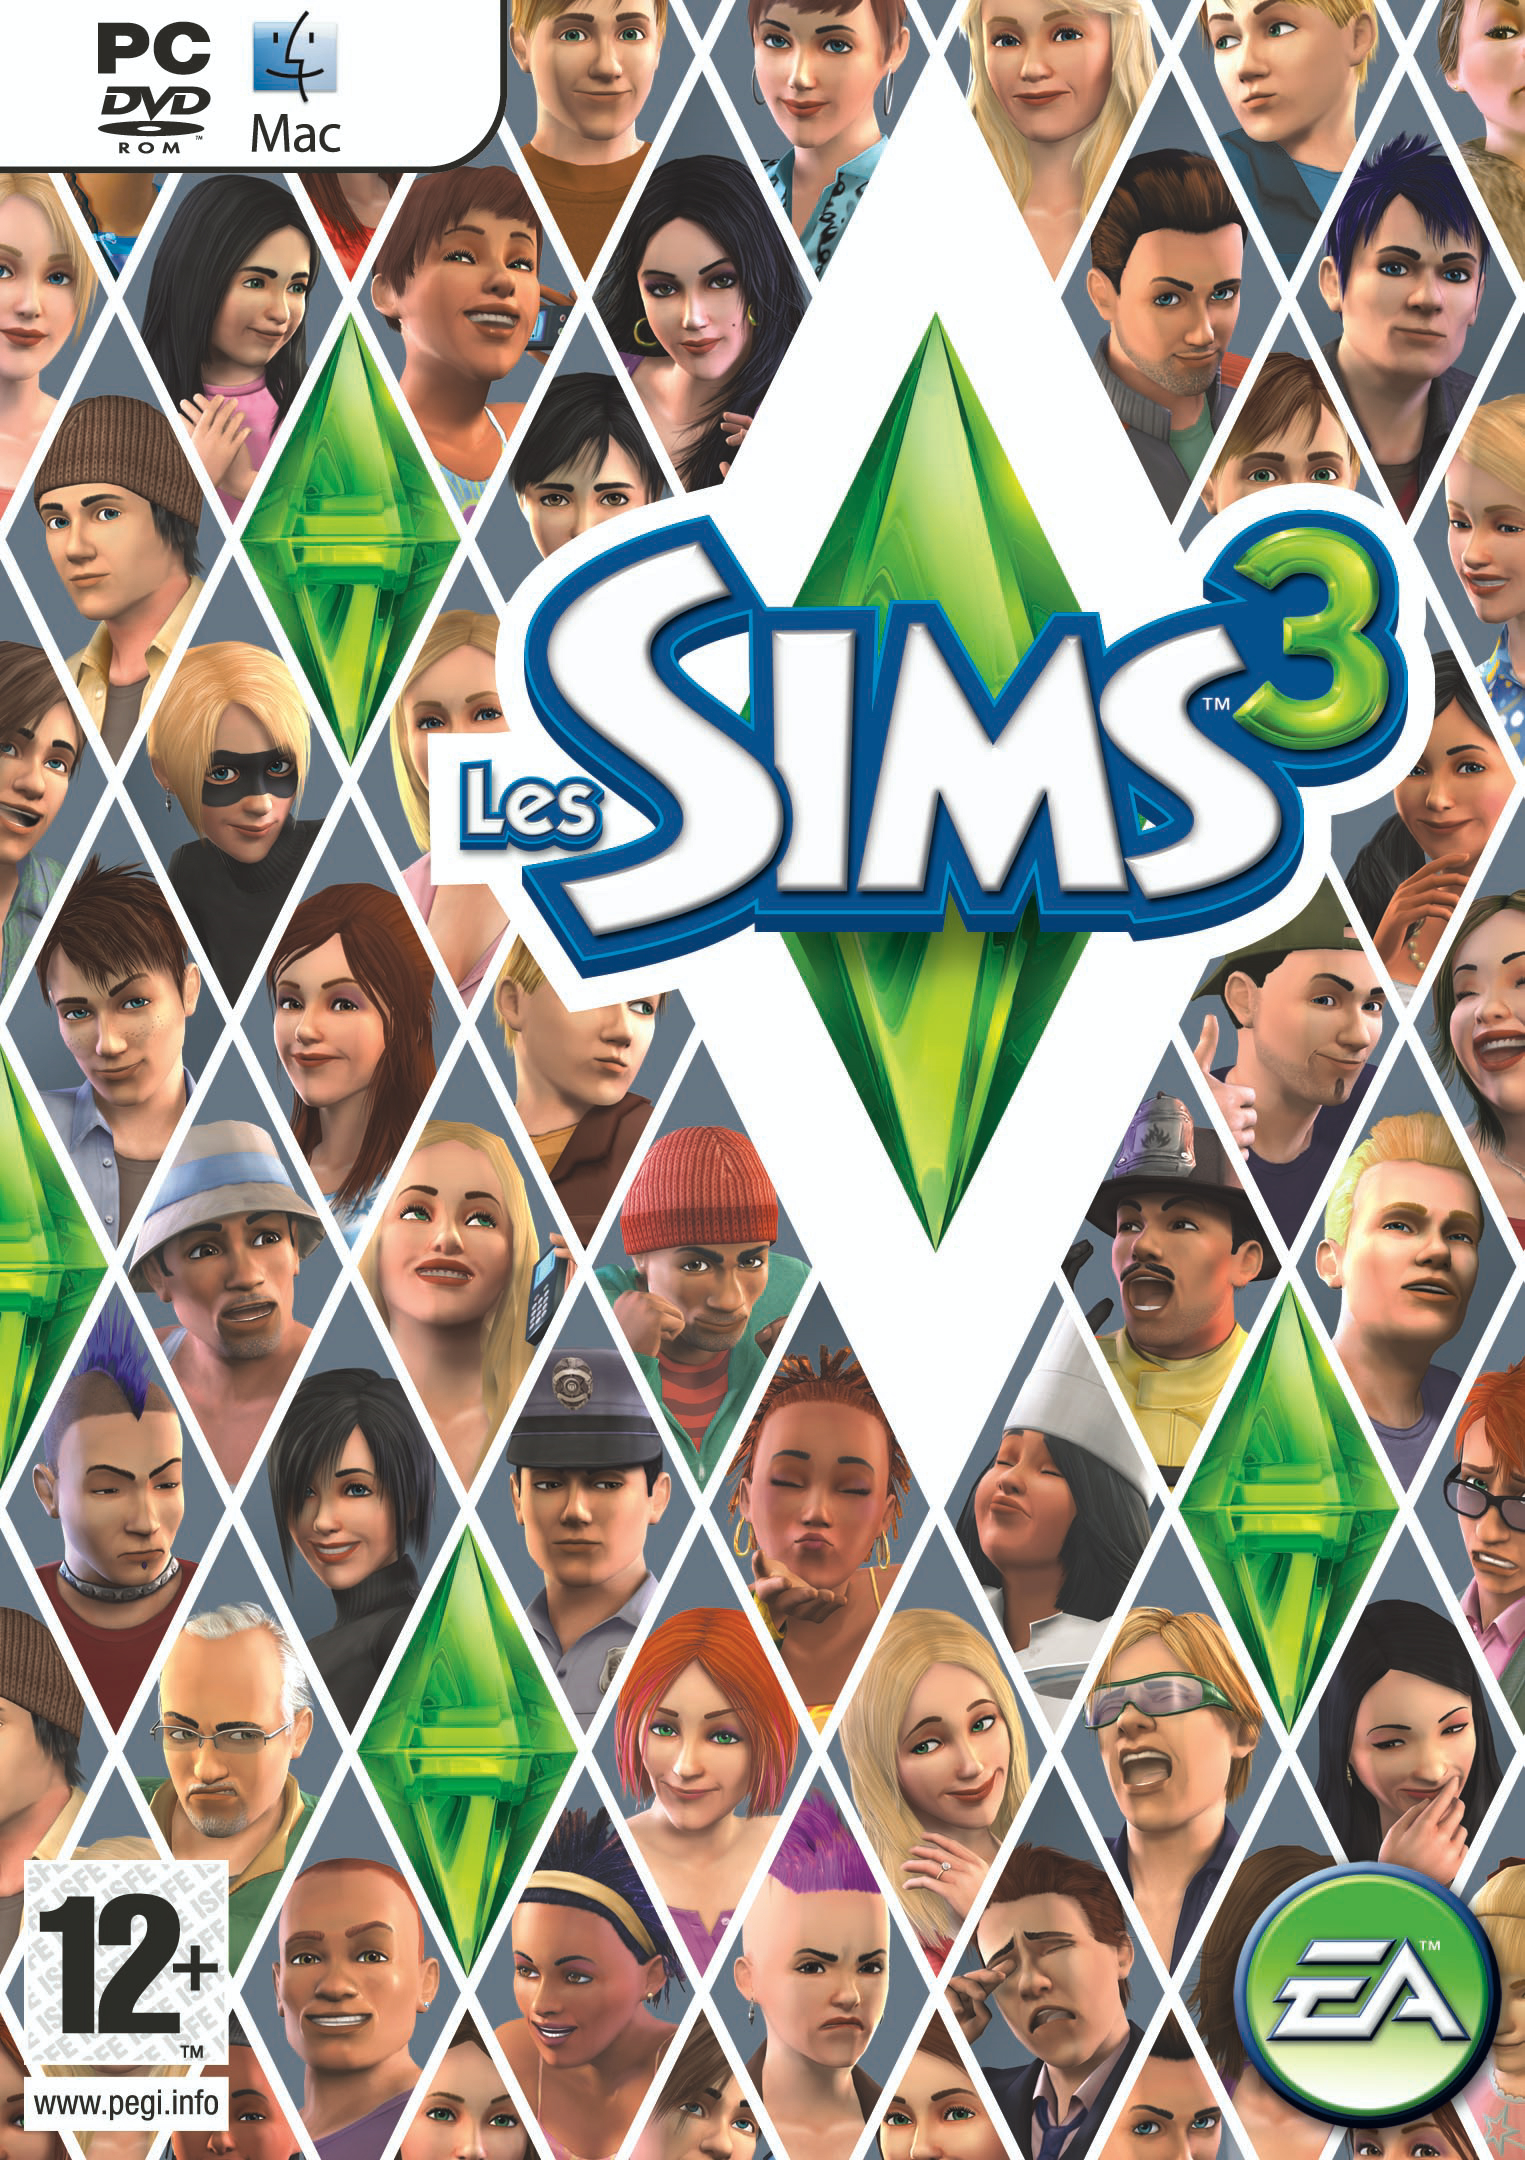 Sims 3 - Les Sims Wiki - Les Sims, Les Sims 2, Les Sims 3, Les Sims